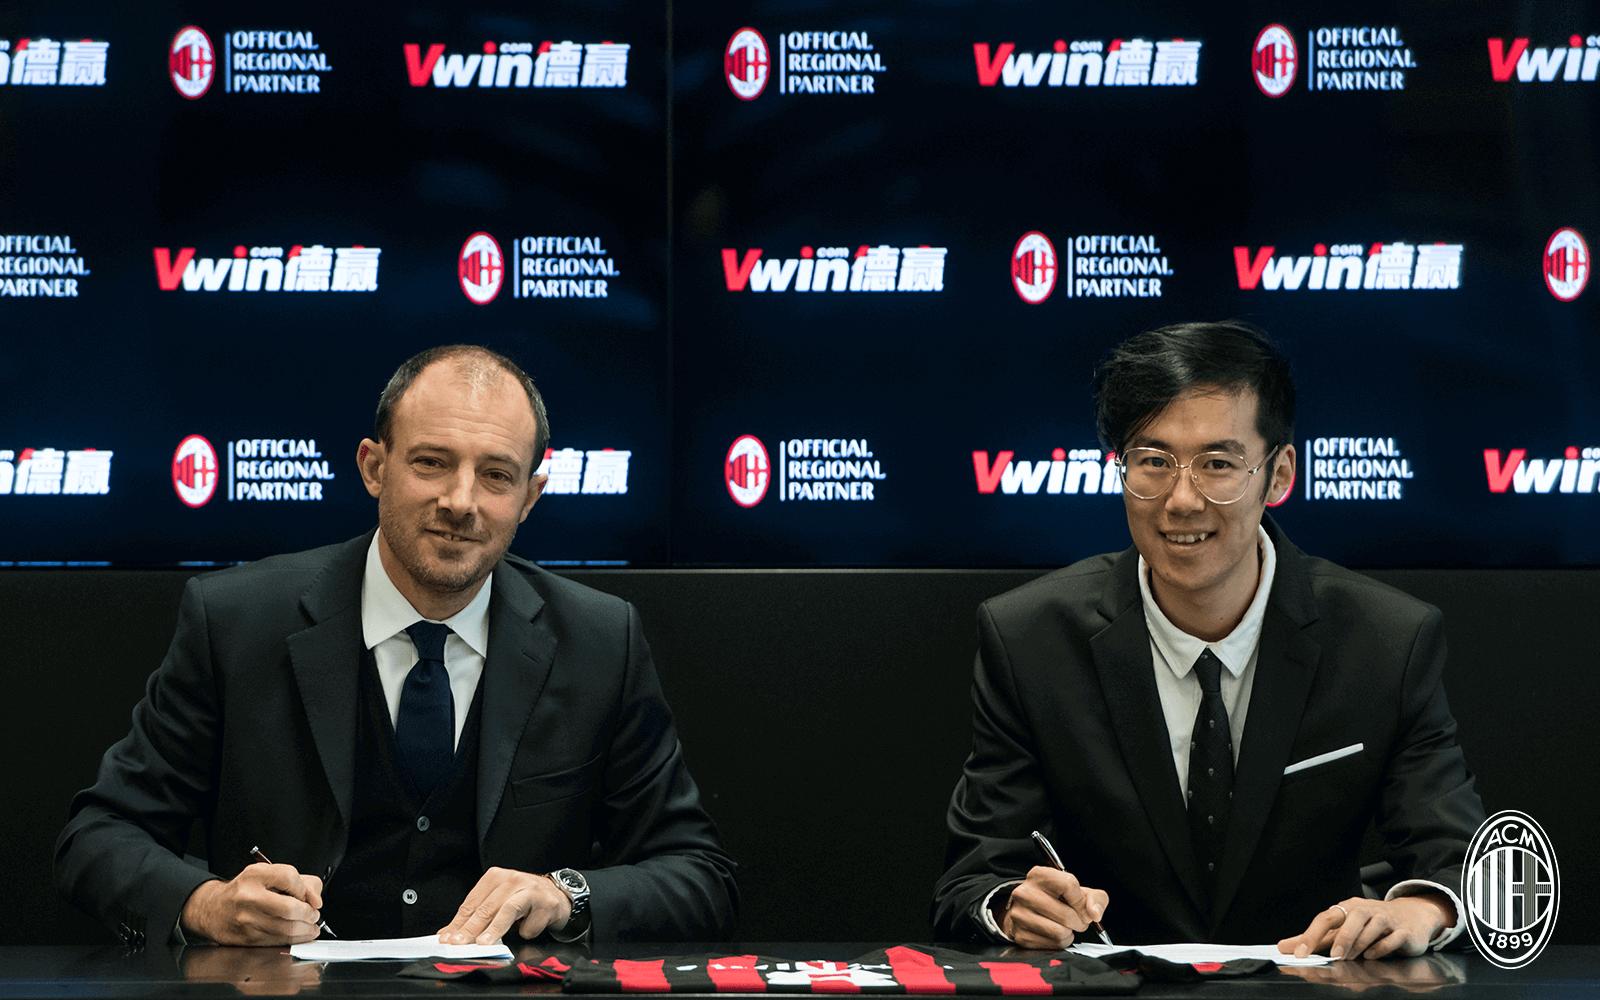 Nhà cái Vwin là đối tác của CLB AC Milan